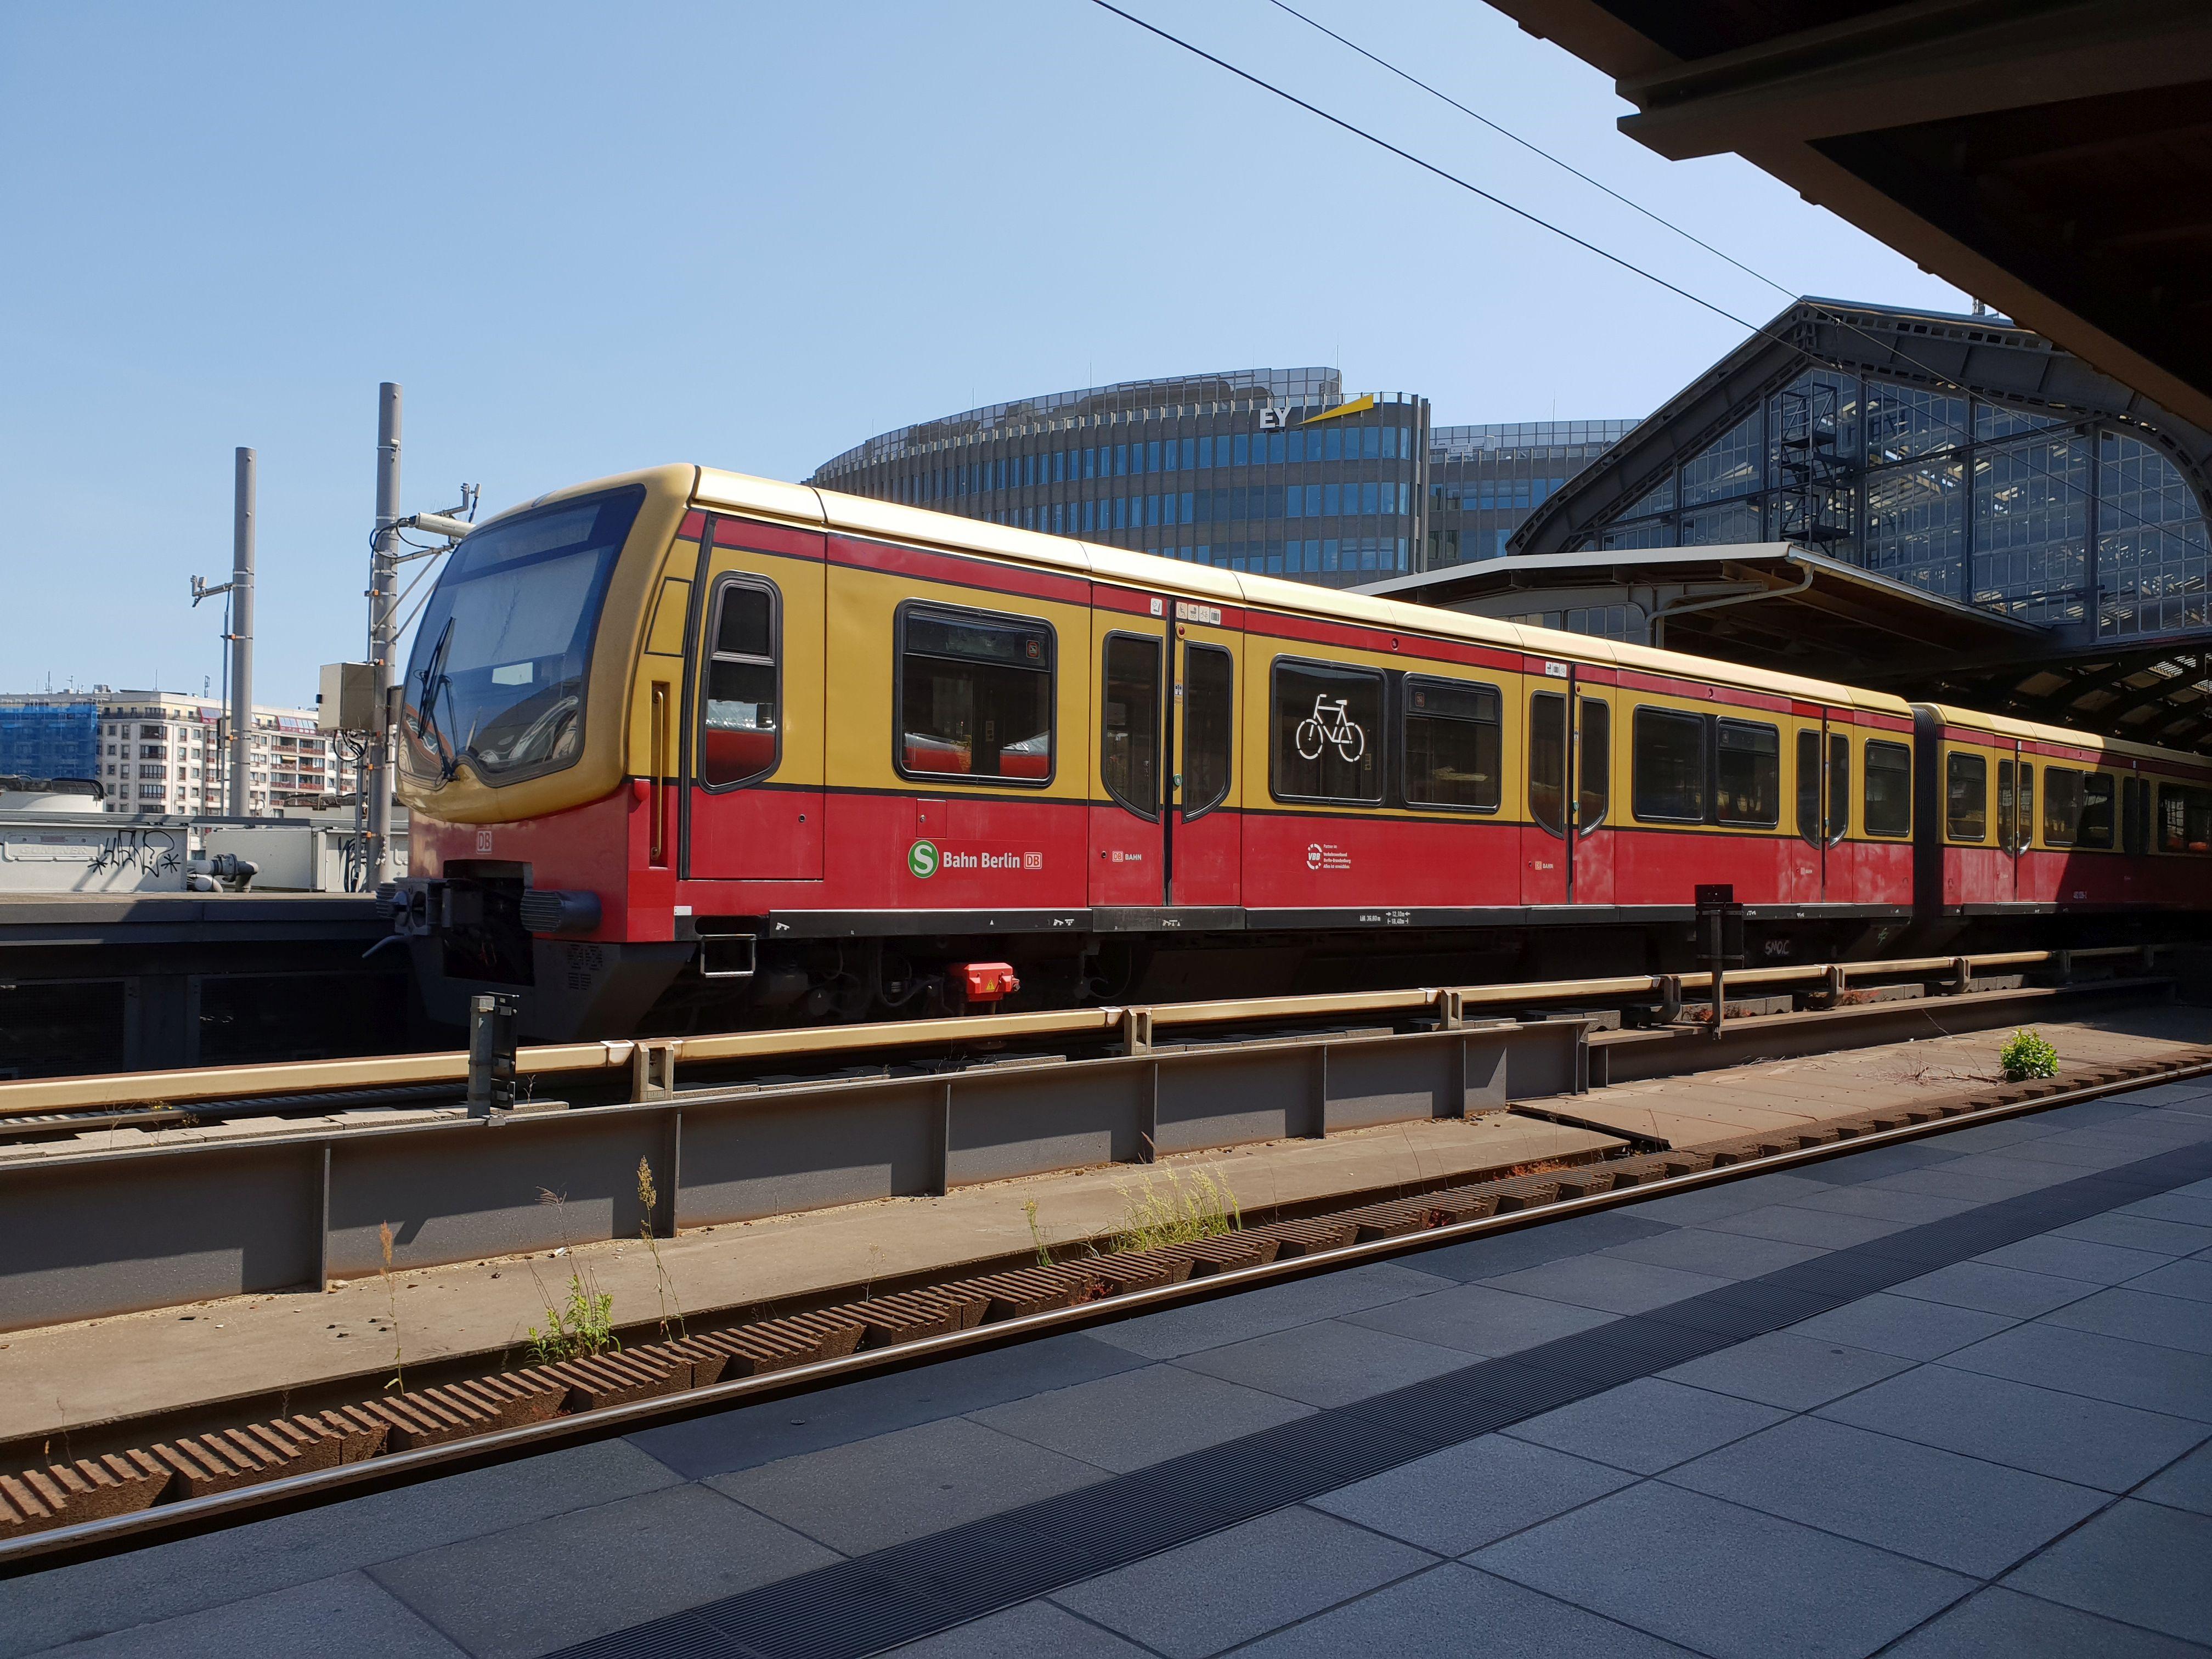 Foto:S-Bahn 481 026, Baureihe481/482, Friedrichstr., 2018